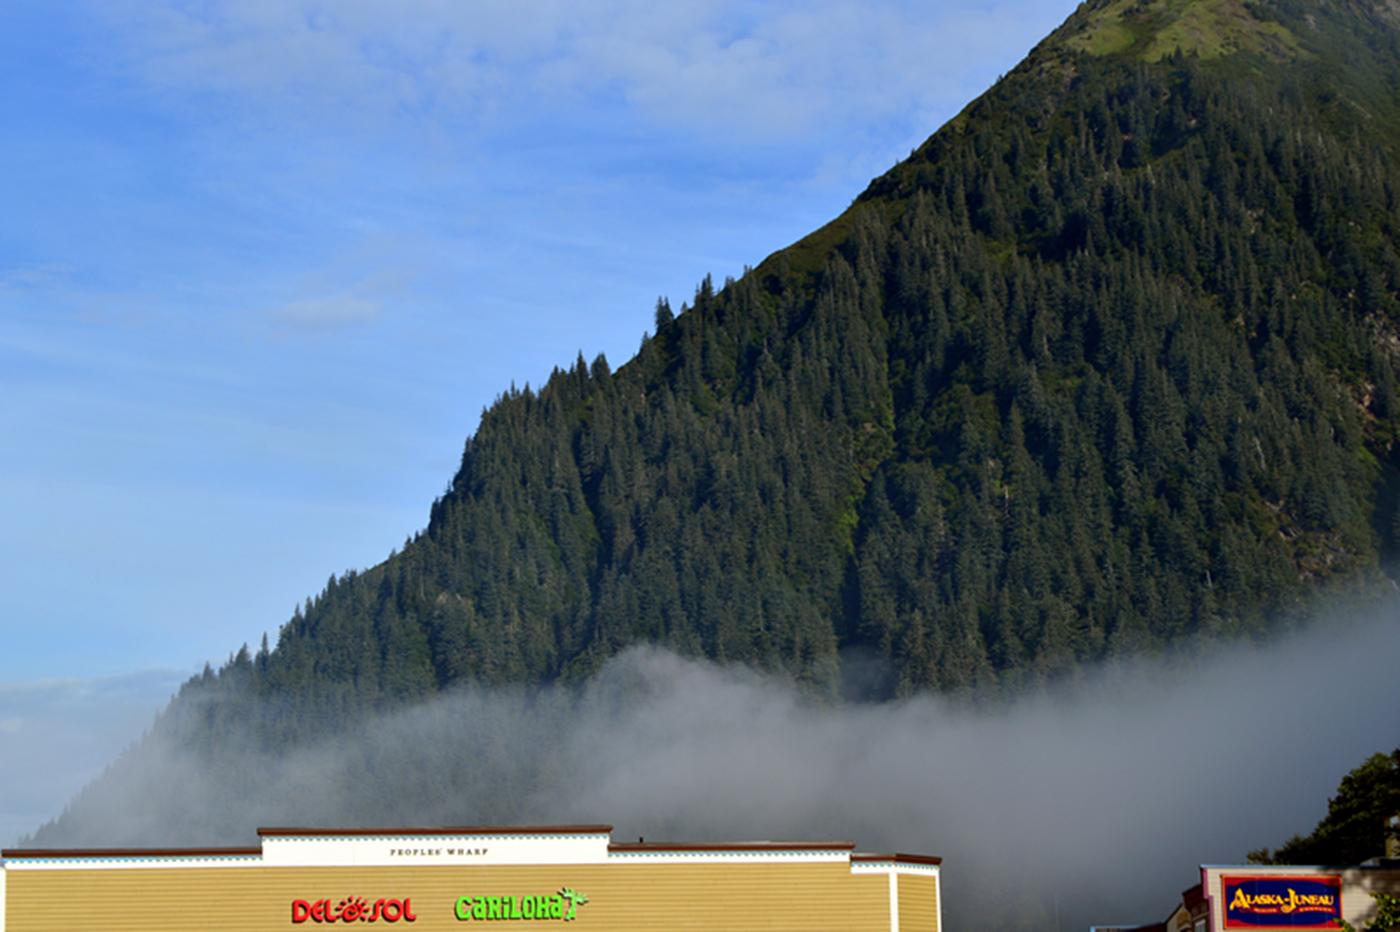 阿拉斯加,那山、那水、那人……_图1-15